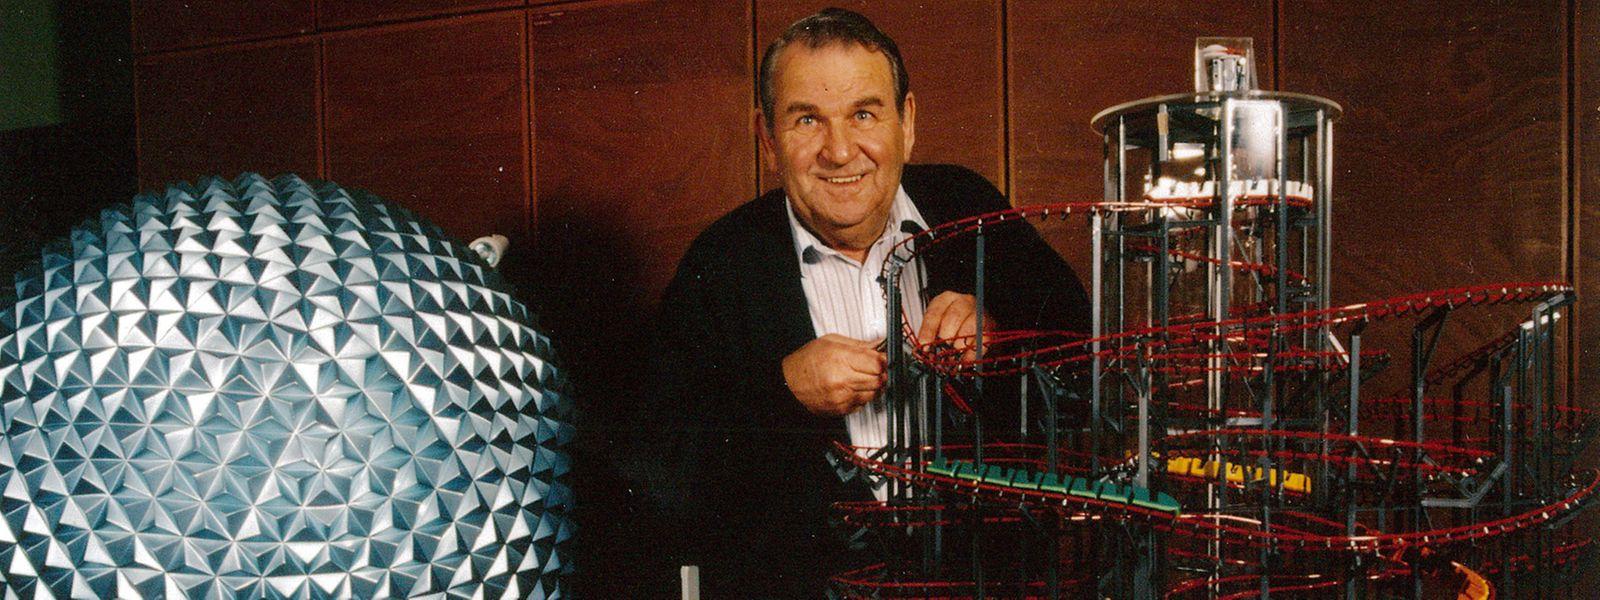 """Einer, der es geliebt hat, zu tüfteln: Franz Mack, hier vor einem Modell der Achterbahn """"Eurosat"""", hat zahlreiche Fahrgeschäfte konzipiert – und war damit auch in Luxemburg präsent. Im März wäre der Unternehmer 100 Jahre alt geworden."""